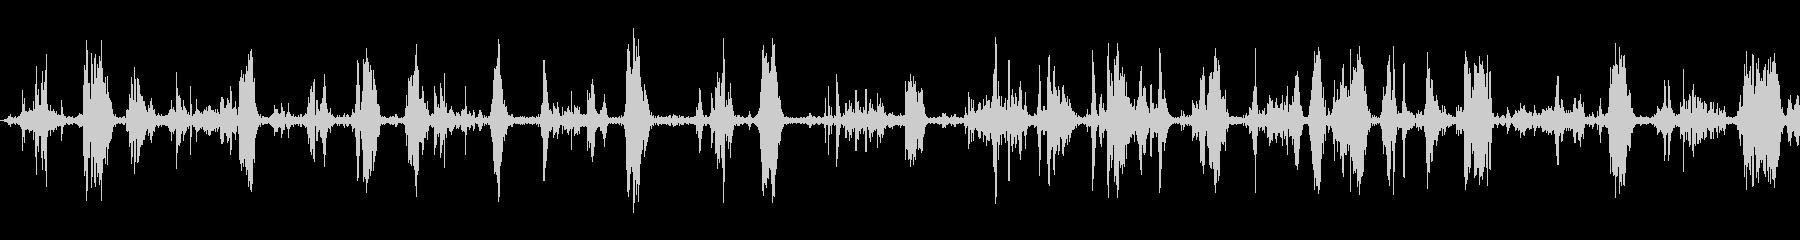 犬の食事;ヴィンテージ録音;犬の未再生の波形